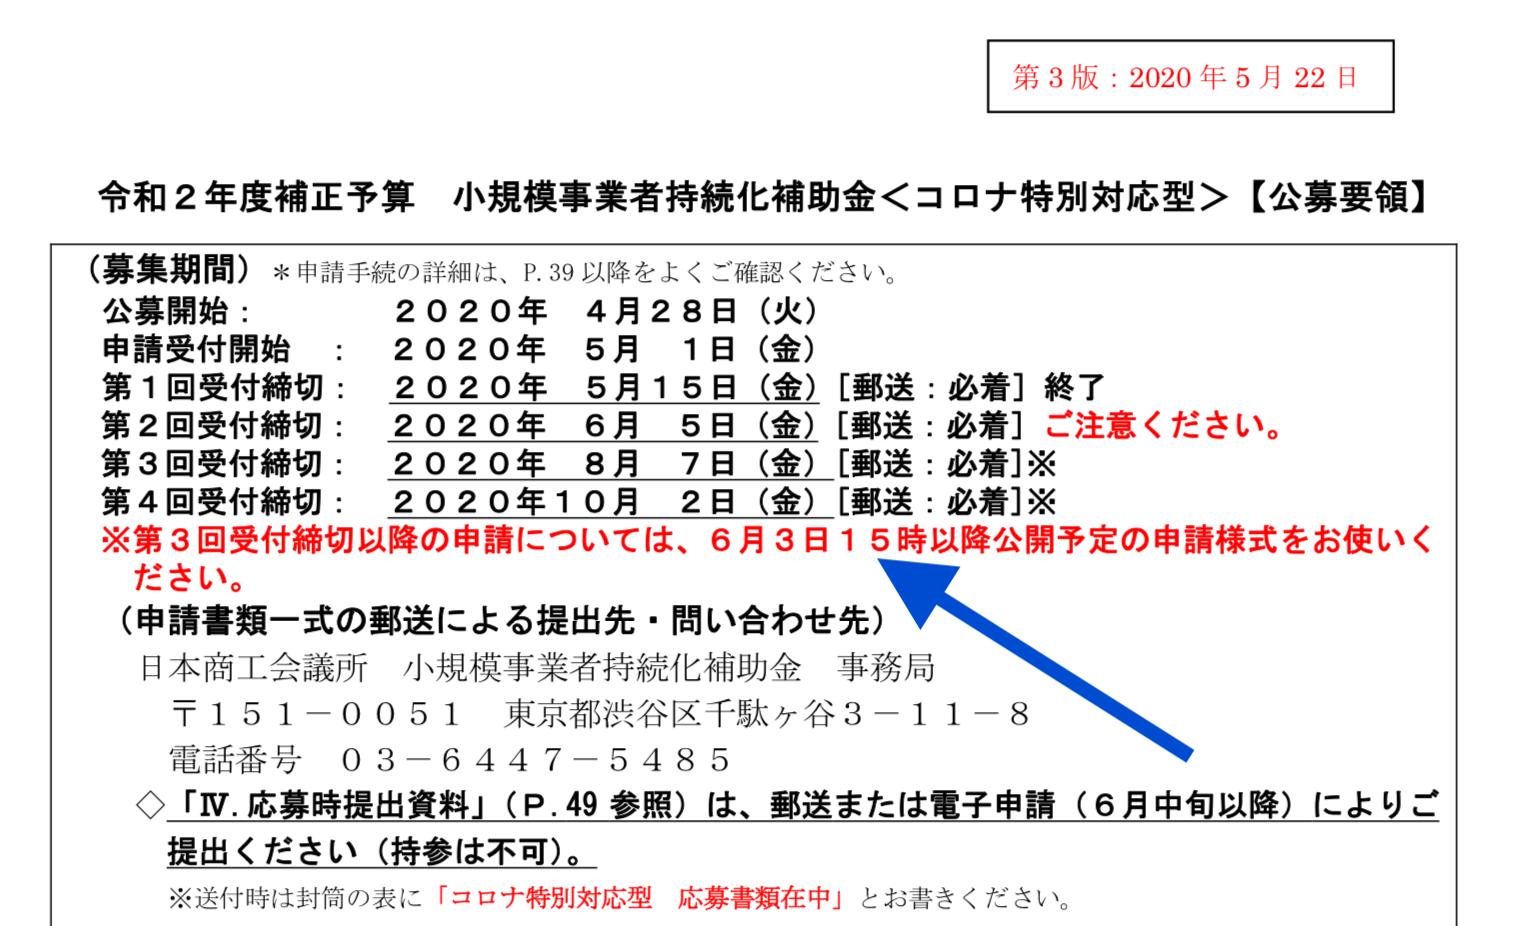 【超速報版】持続化補助金新公募要領公開前日!完全オンライン申請化?|行政書士阿部総合事務所